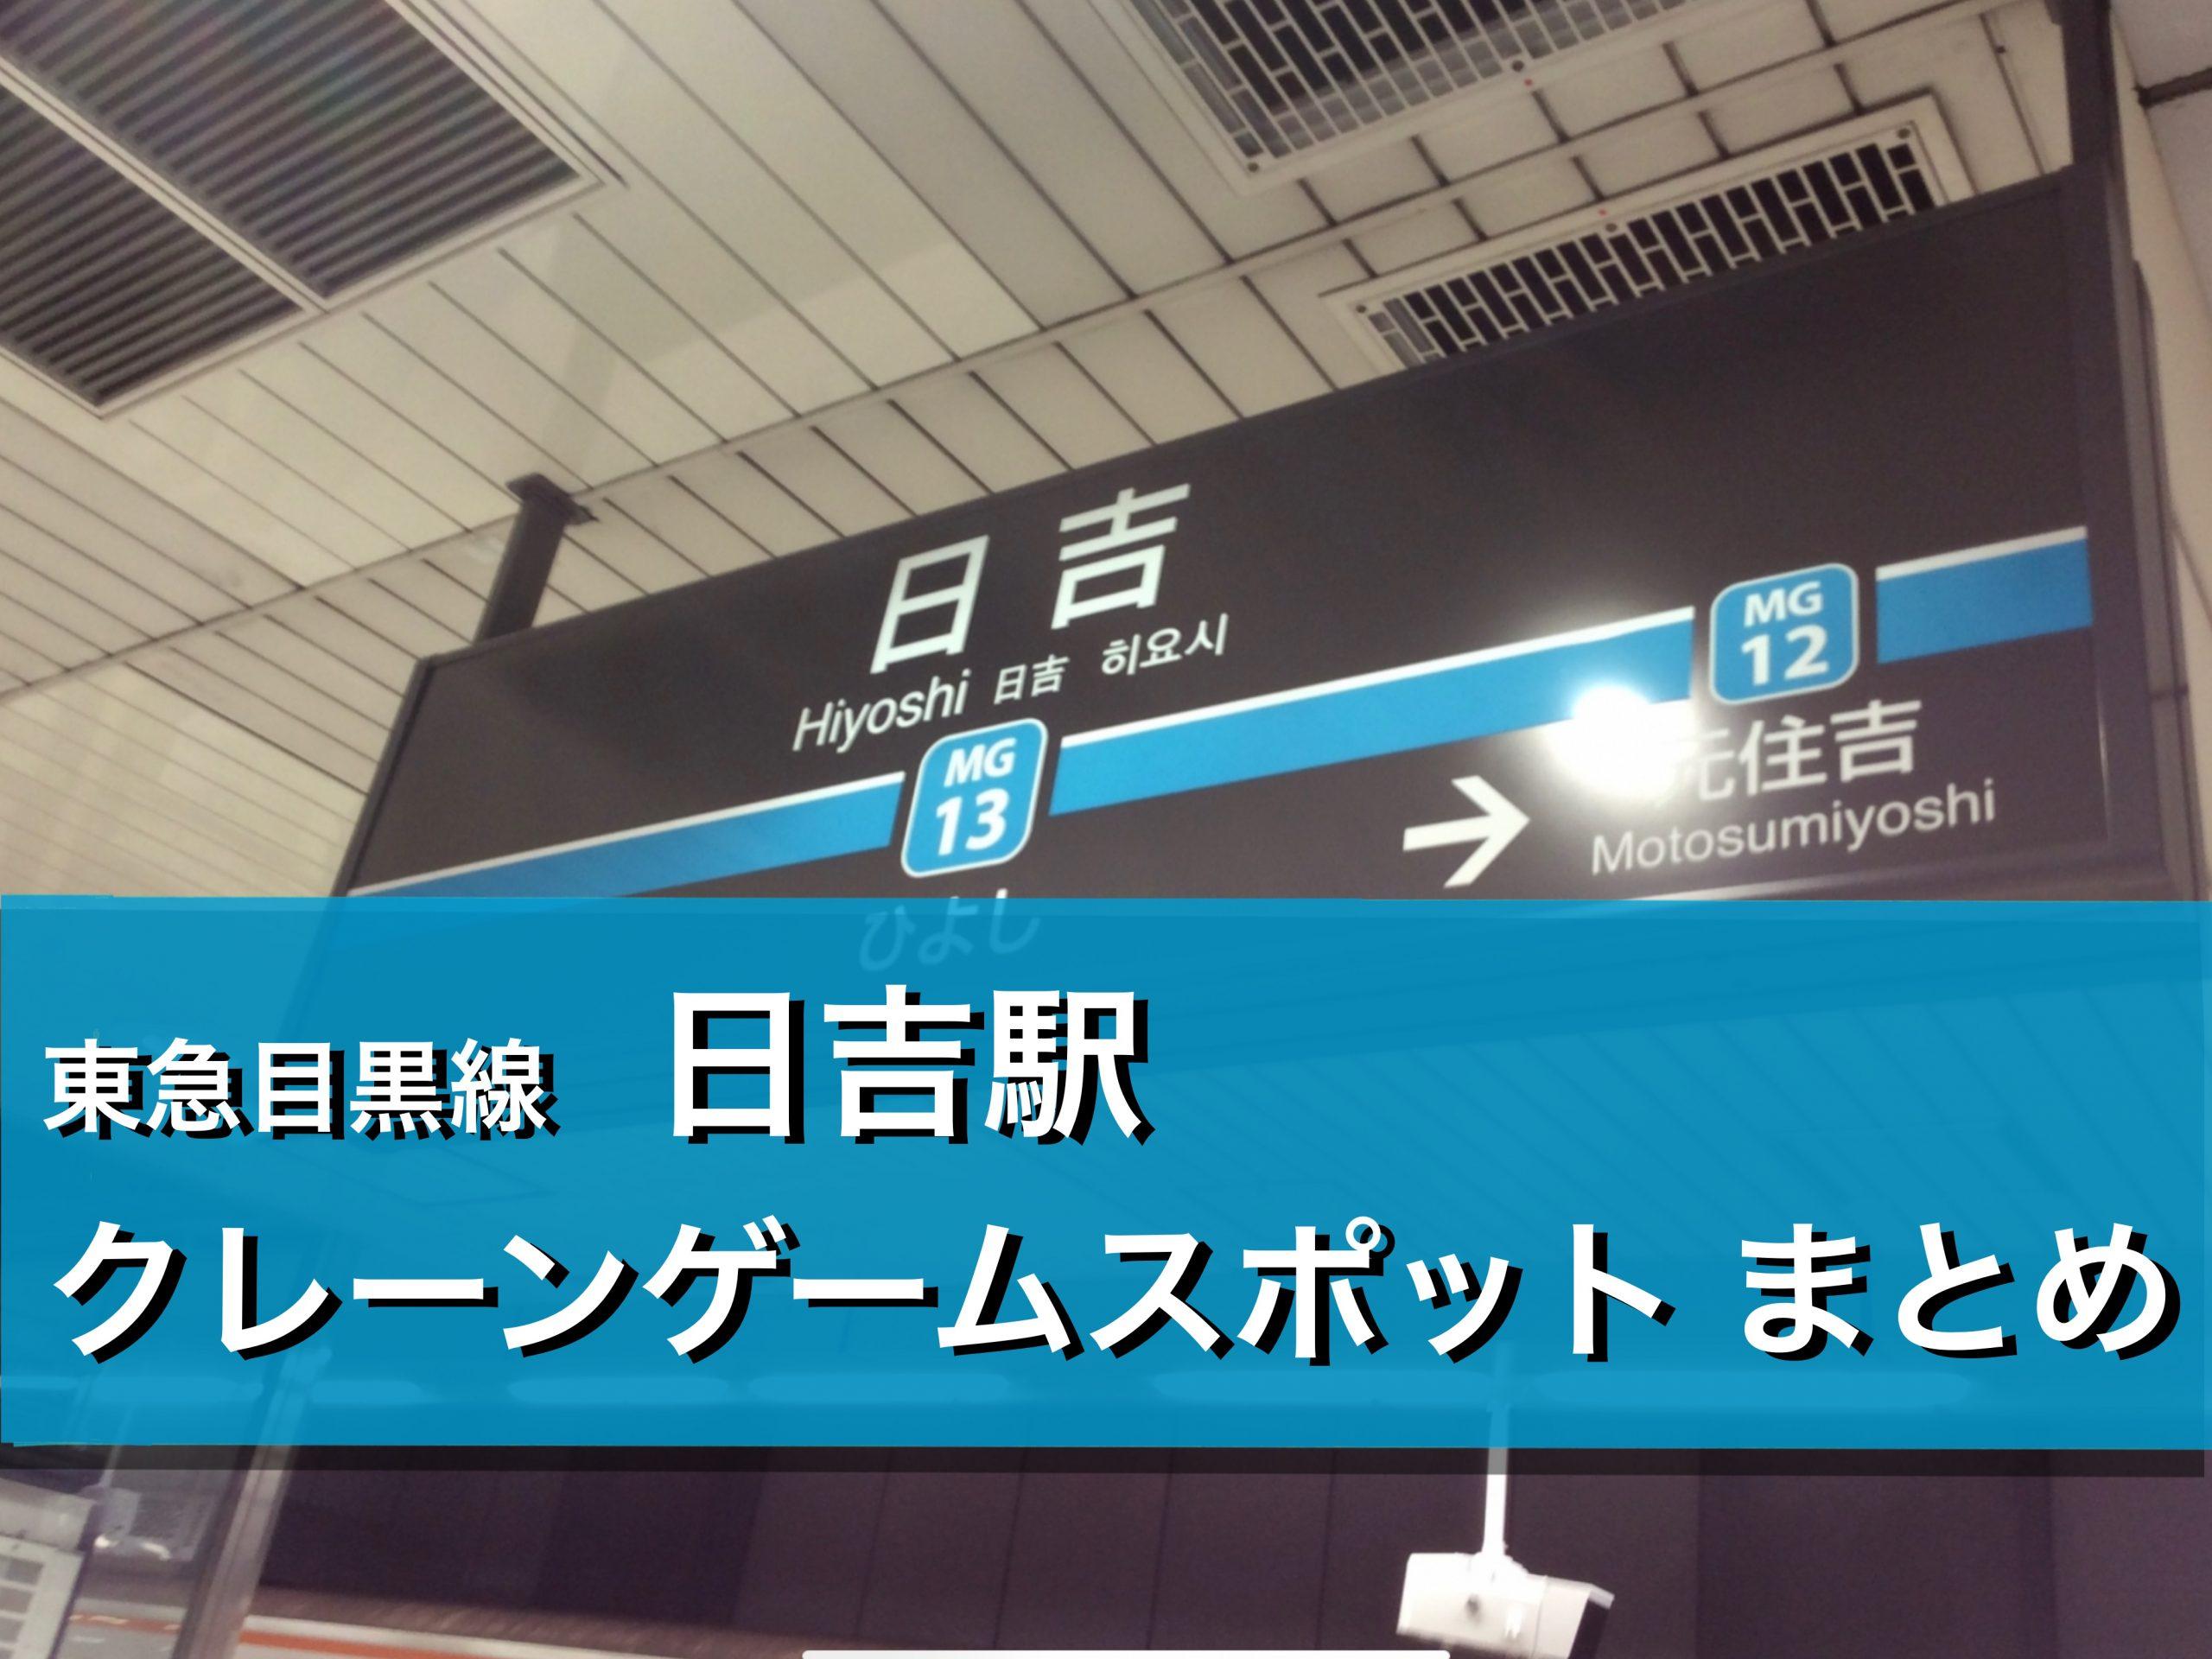 【日吉駅】クレーンゲームができる場所